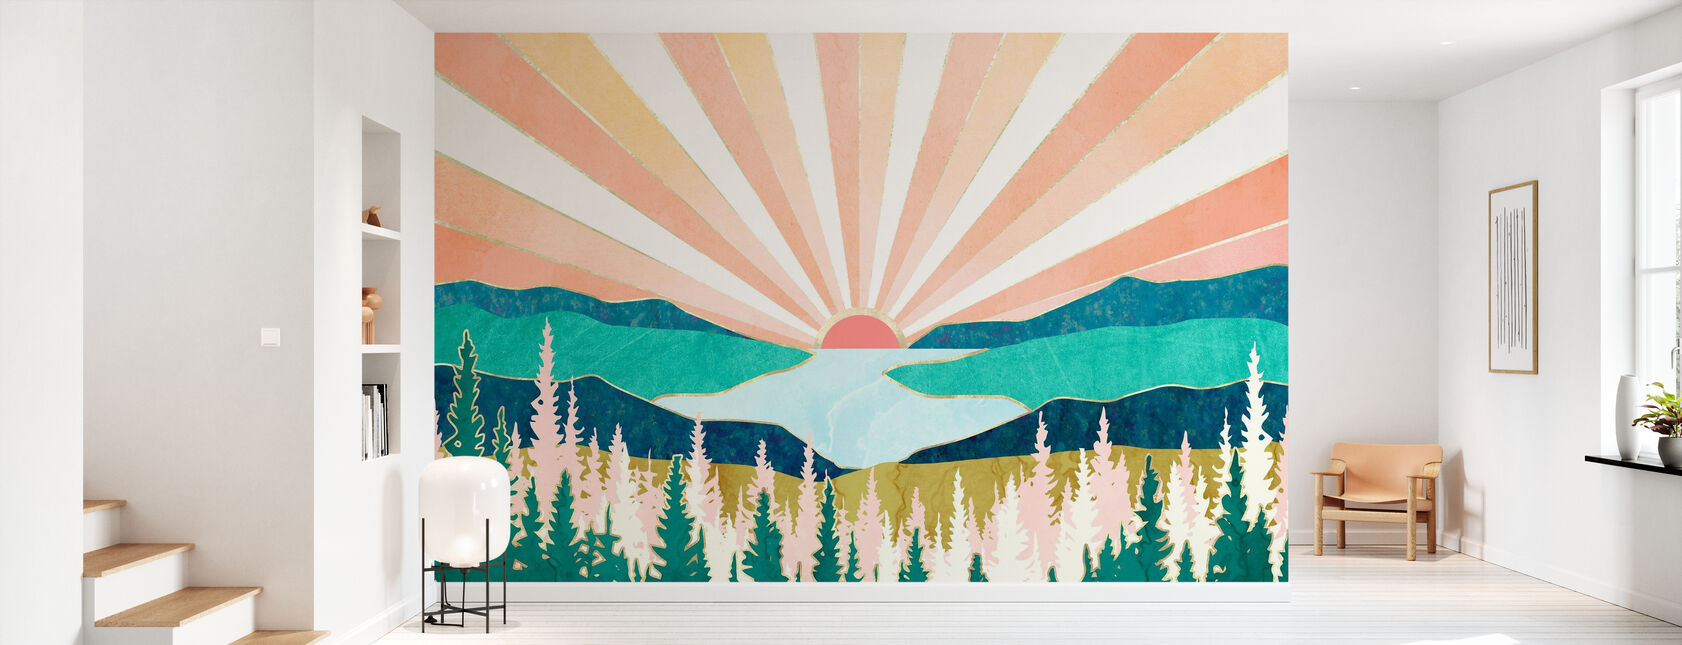 Puesta de sol de verano - Papel pintado - Corredor